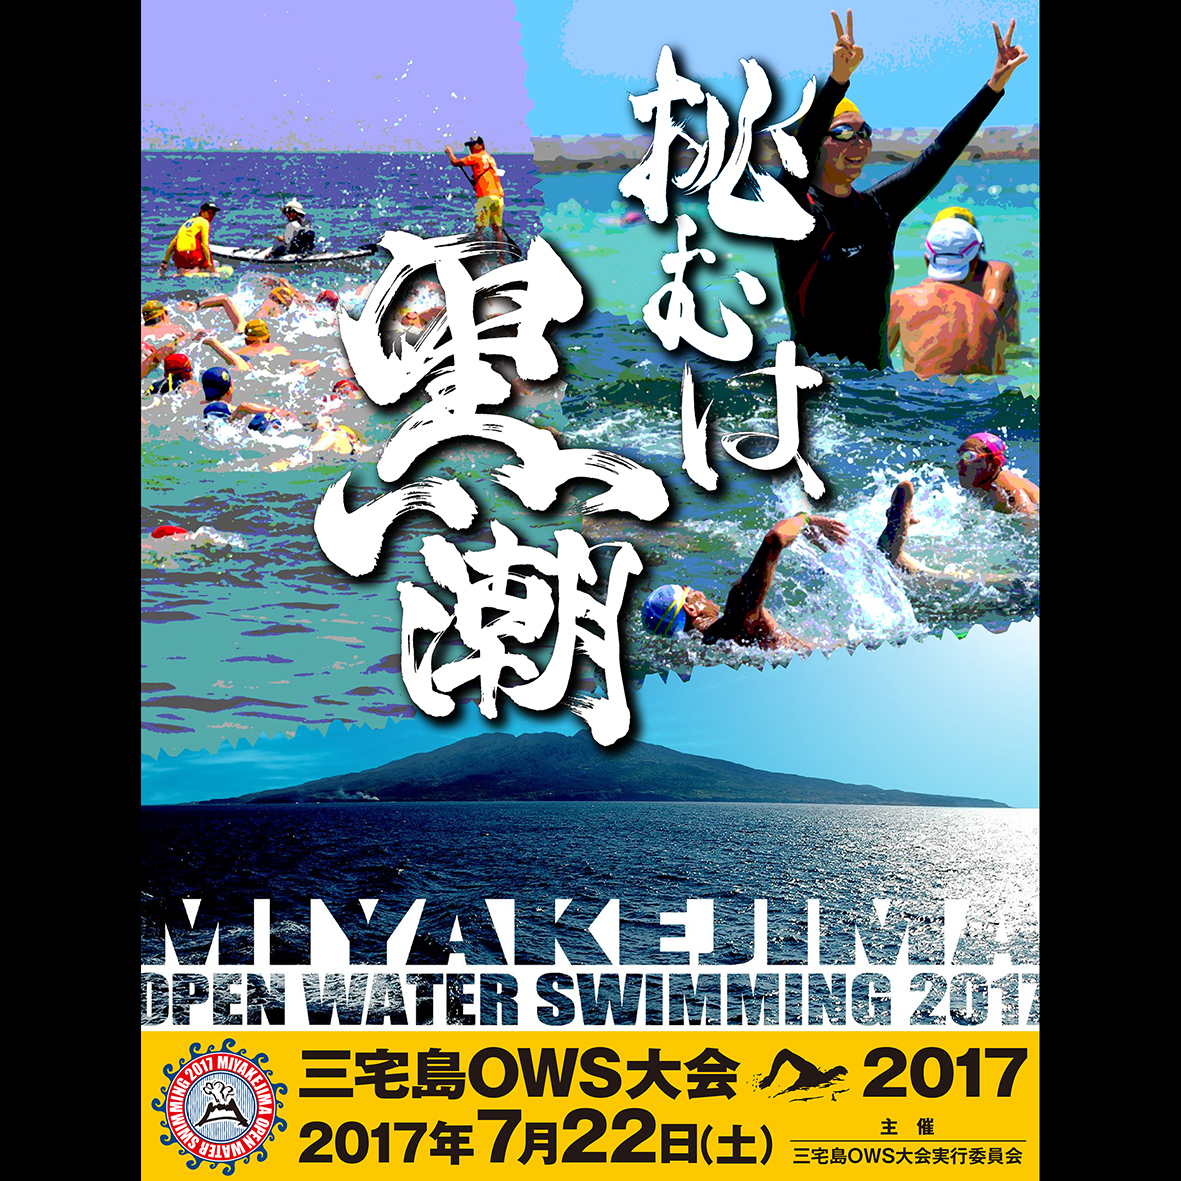 🌊🌊開催決定★三宅島OWS大会2017 🌊🌊